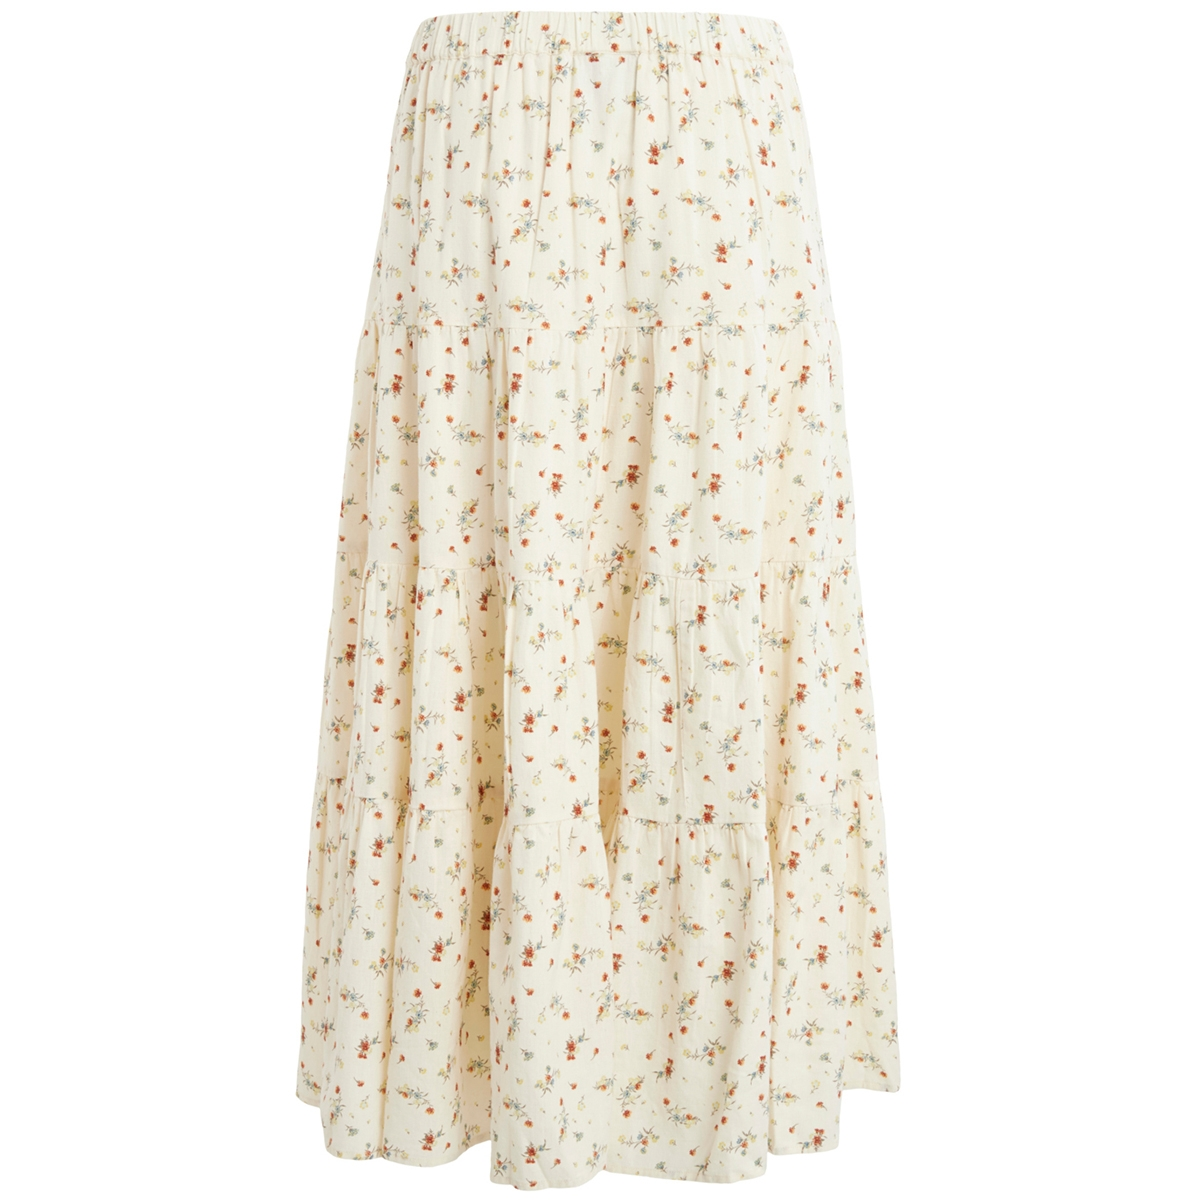 objbreeze long skirt a q 23033439 object rok cloud dancer oap/small